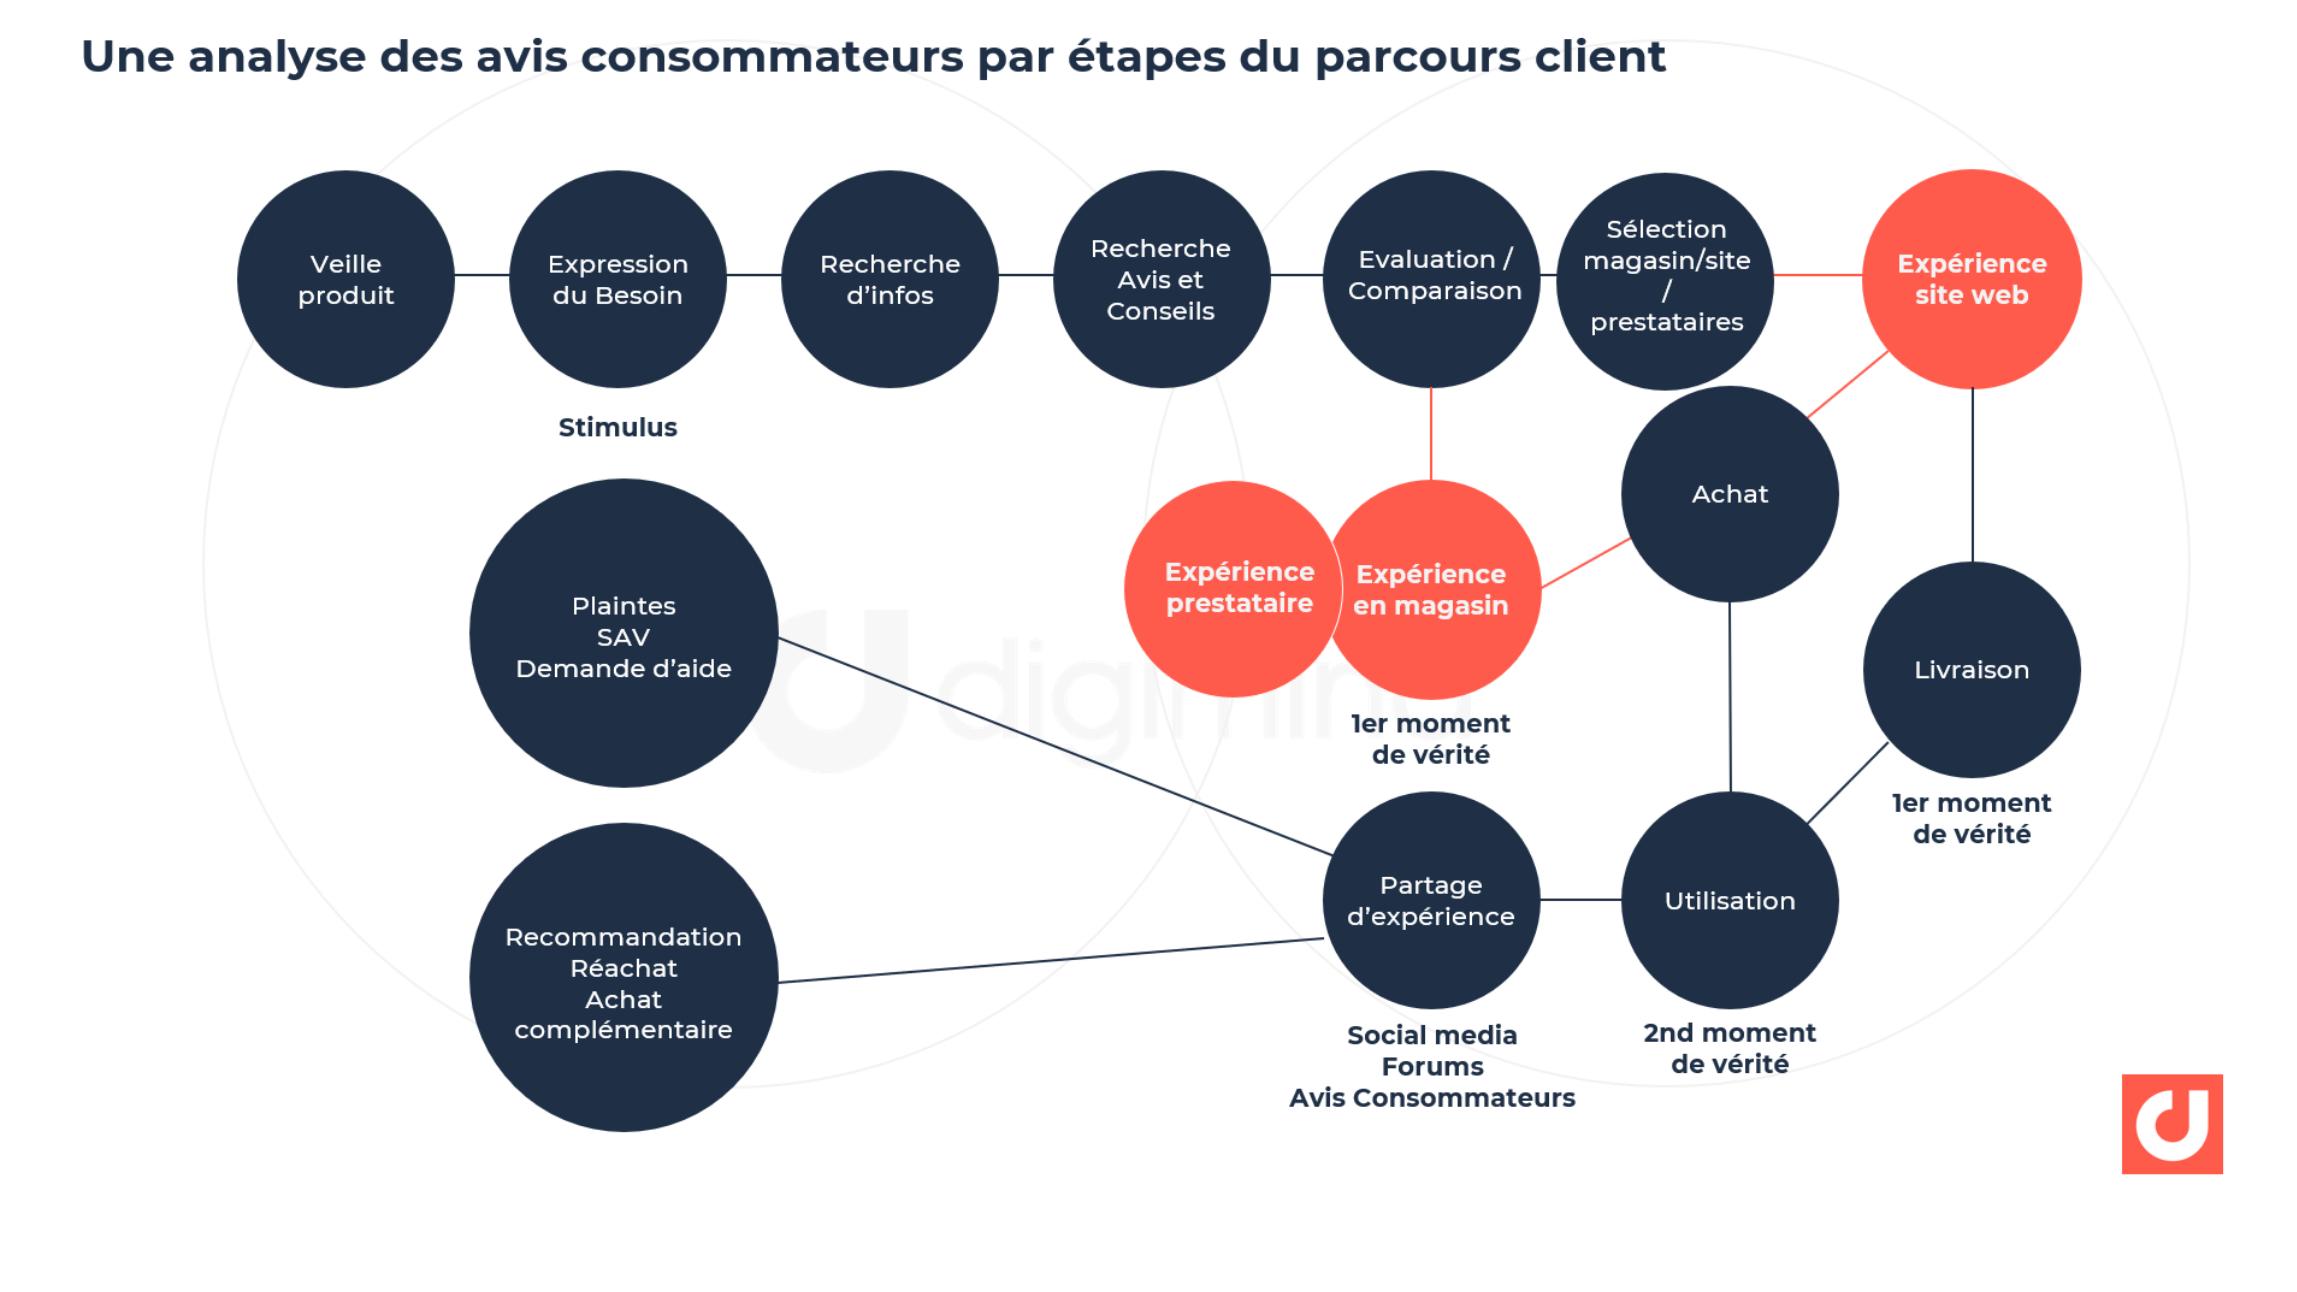 Une analyse des avis consommateurs par étapes du parcours client